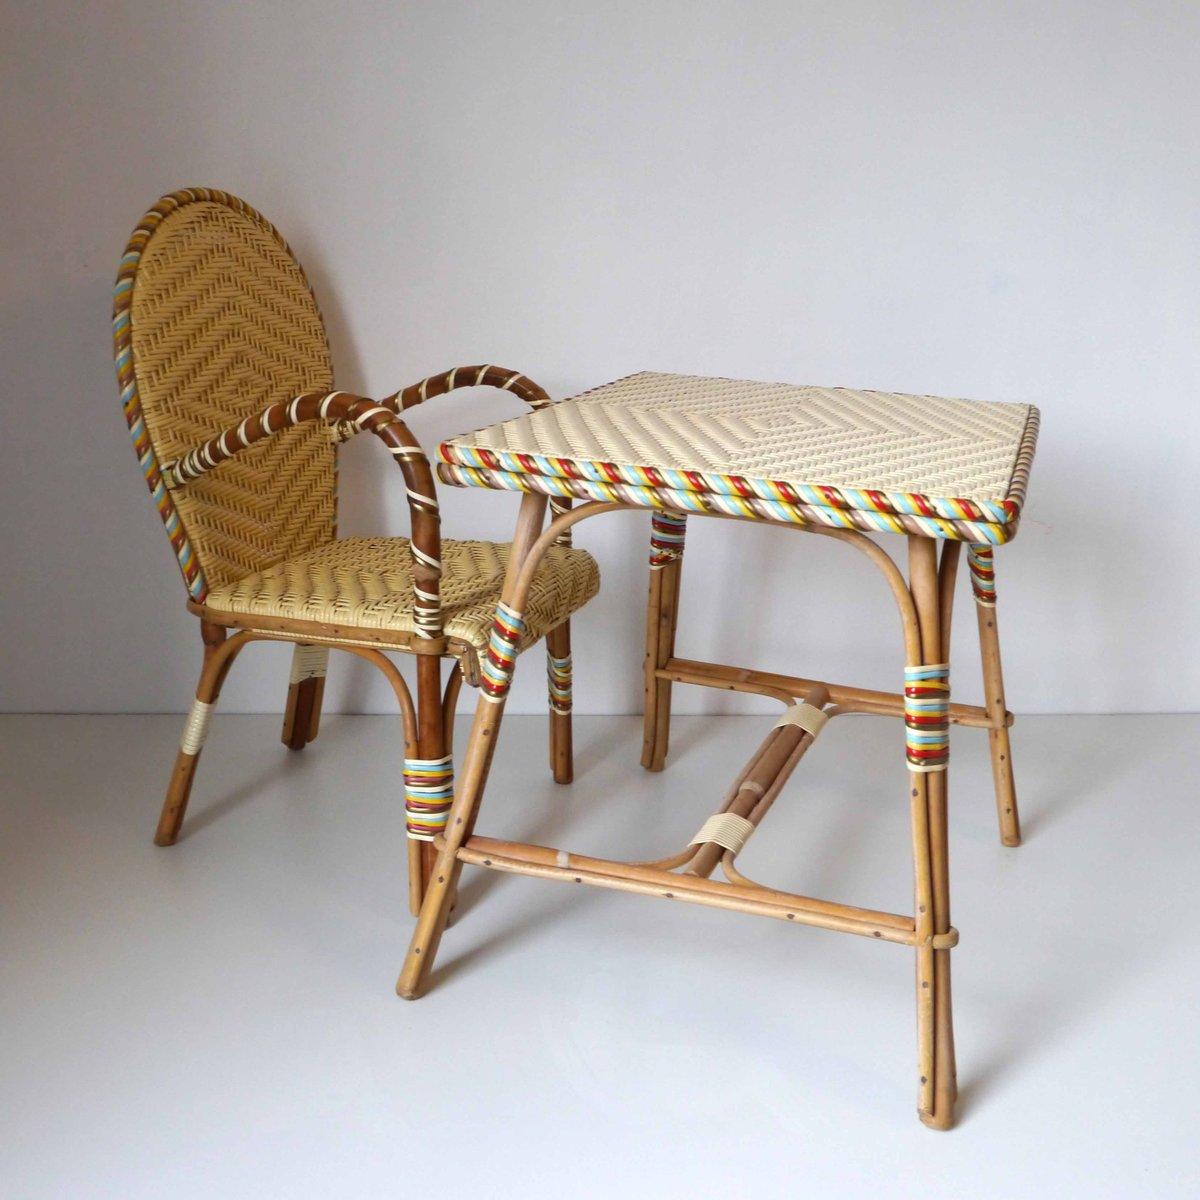 franz sischer vintage rattan kinderschreibtisch und stuhl bei pamono kaufen. Black Bedroom Furniture Sets. Home Design Ideas